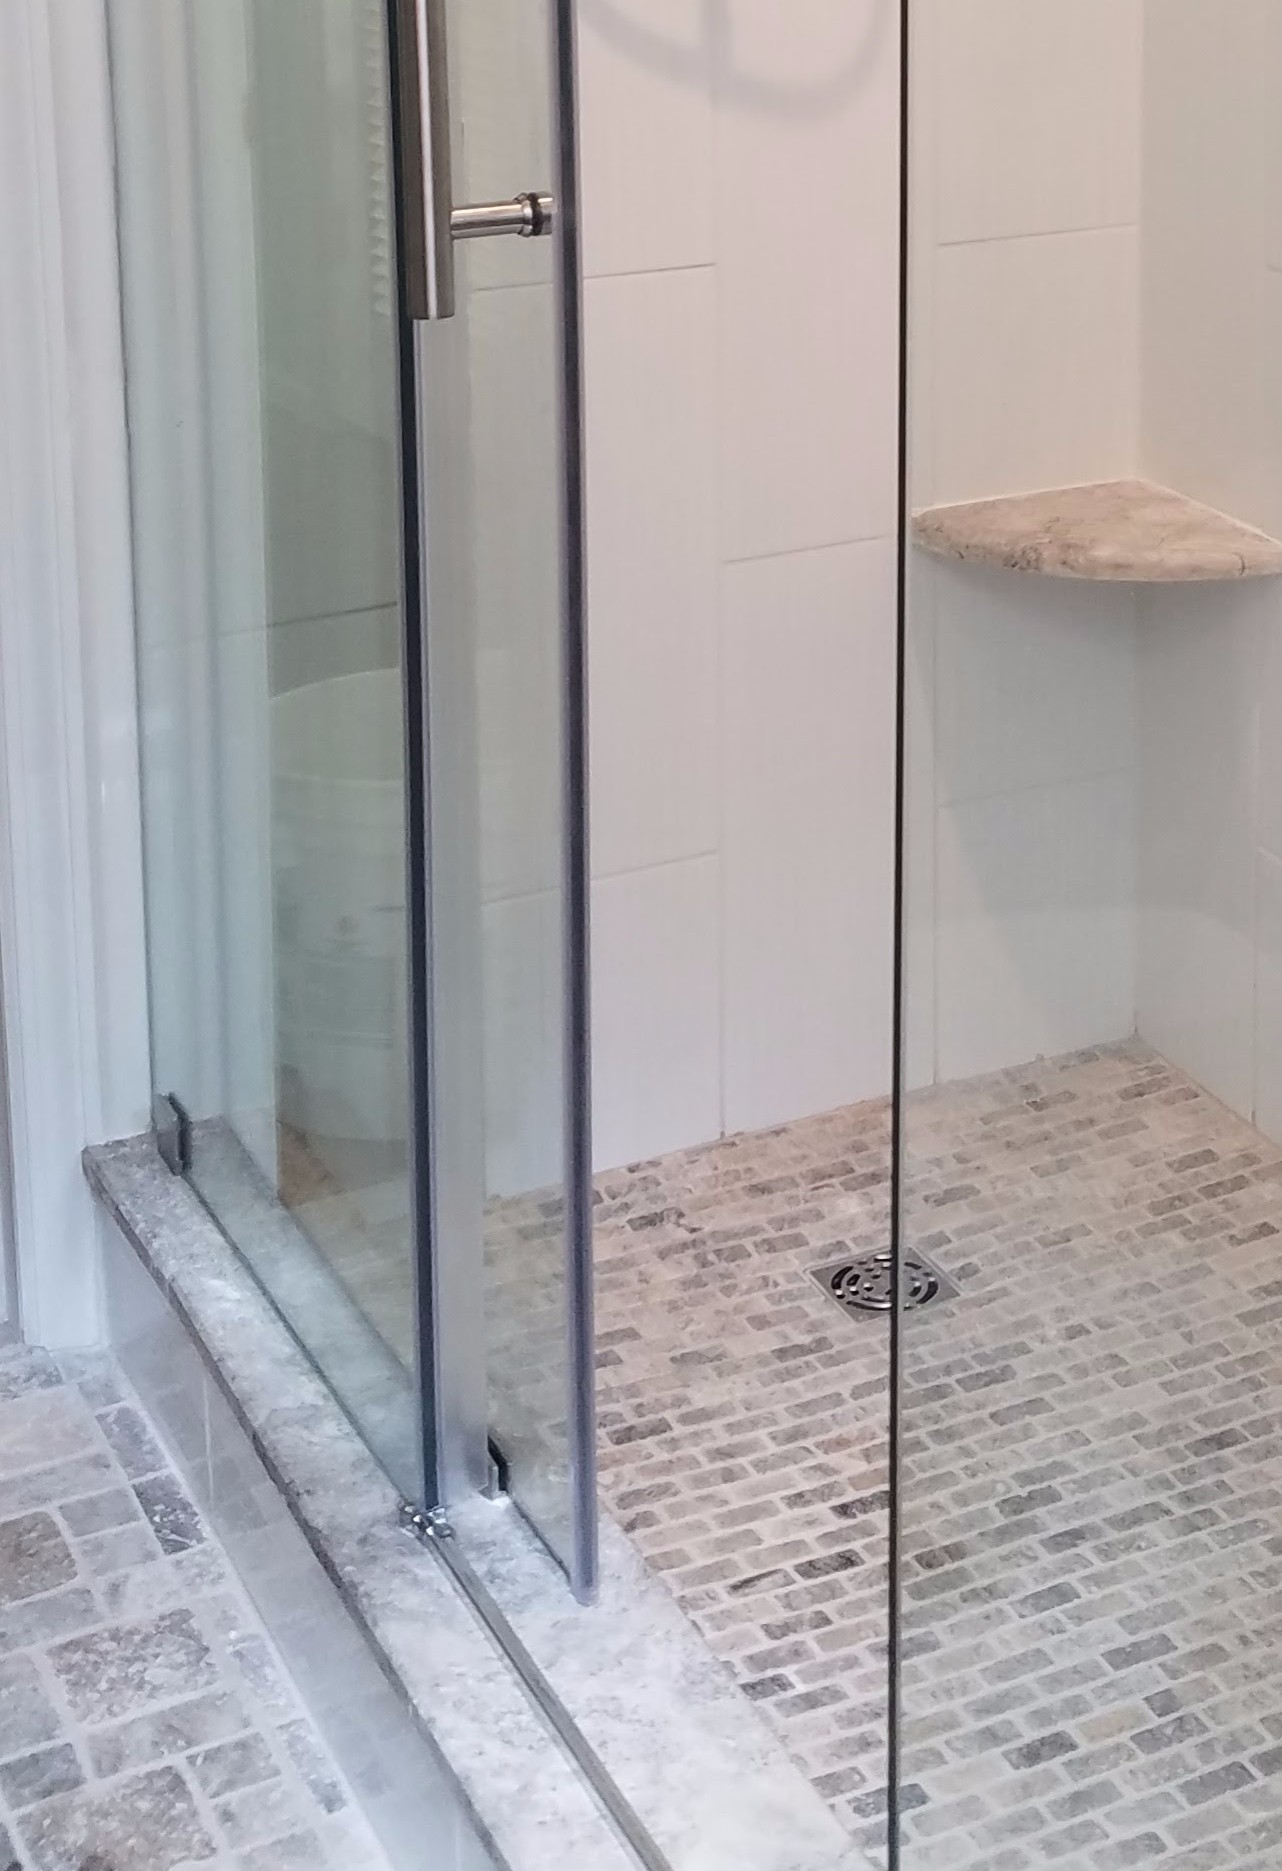 Water Running Under Glass Shower Door-20160523_152218.jpg